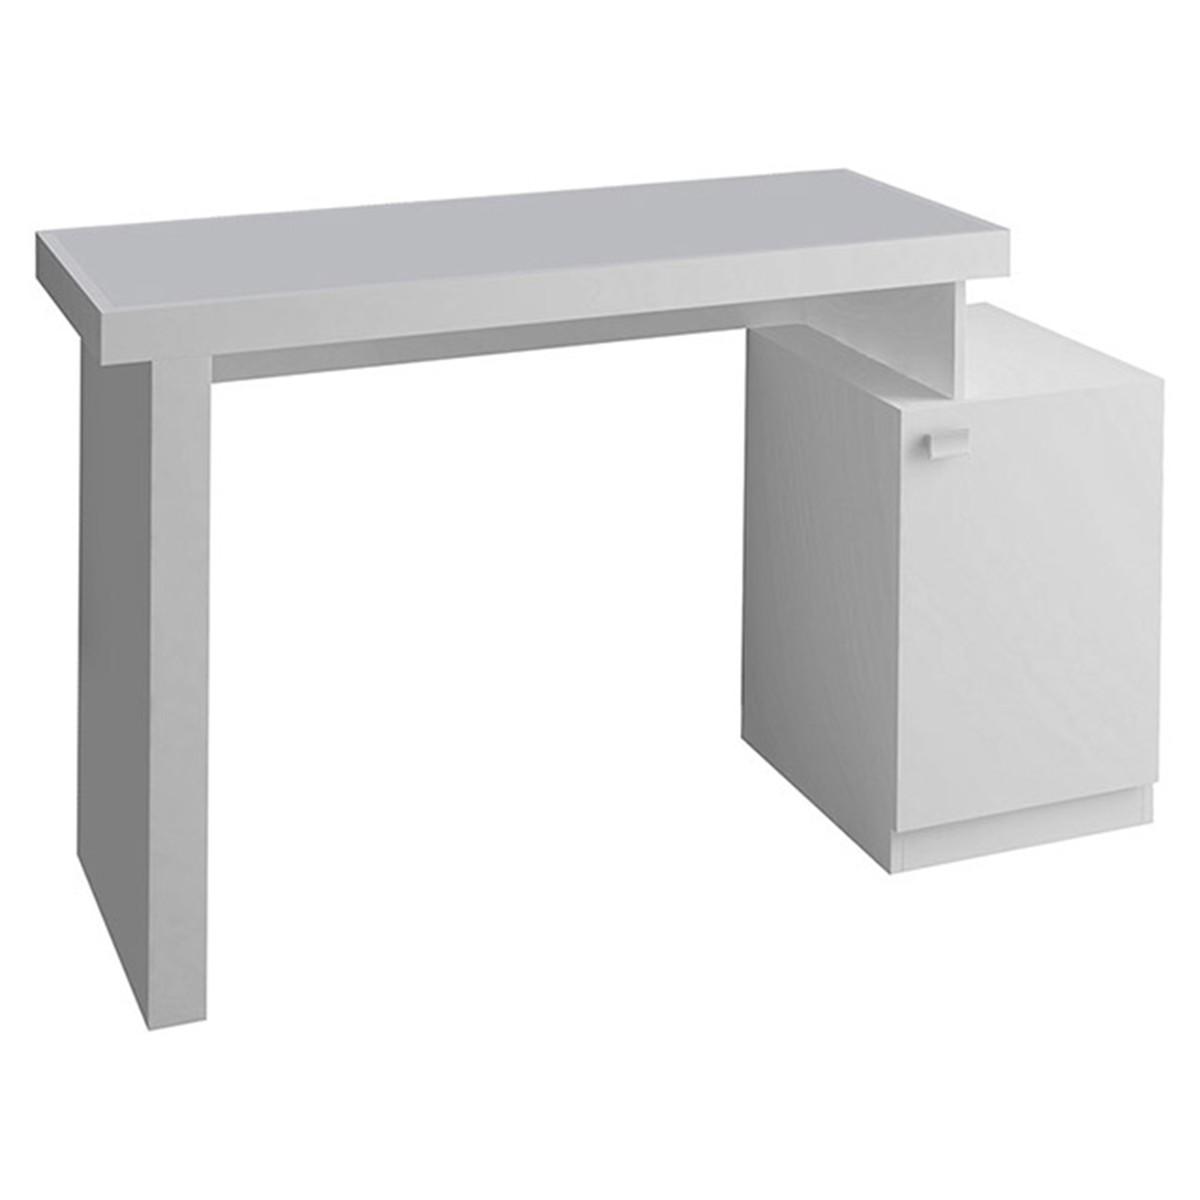 Mesa para Computador BRV BC 33 Elare Branco {BRV Móveis  #666666 1200x1200 Acessórios Banheiro Meber